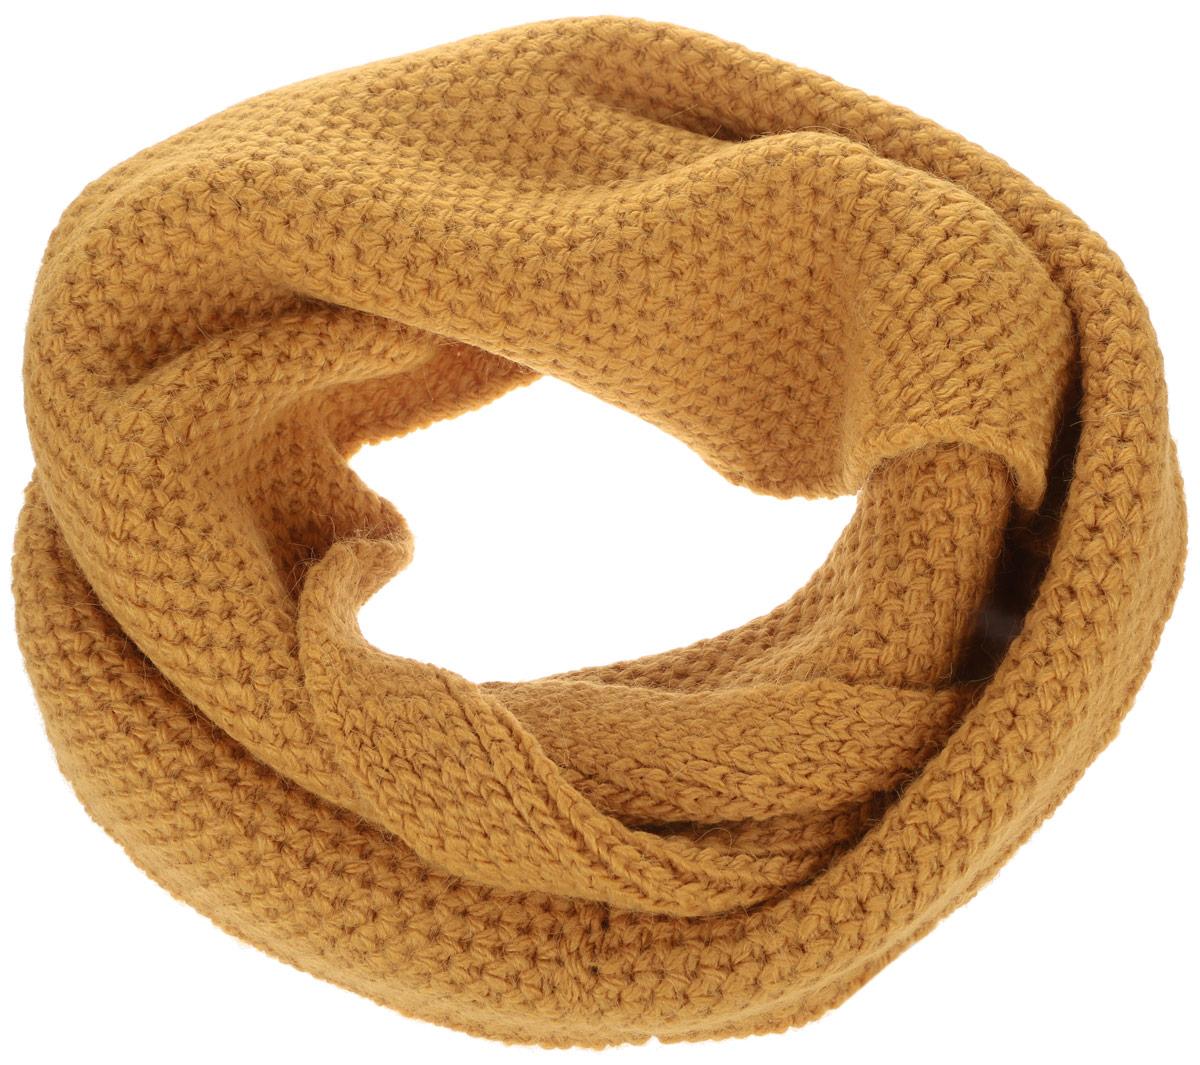 B333Стильный снуд-хомут Baon, выполненный из акрила с добавлением полиамида и эластана, создан подчеркнуть ваш неординарный вкус и согреть вас в прохладное время года. Снуд - это объемный шарф, связанный по кругу, который можно носить не только на шее, но и как головной убор. Этот модный аксессуар гармонично дополнит образ современной женщины, следящей за своим имиджем и стремящейся всегда оставаться стильной и элегантной.